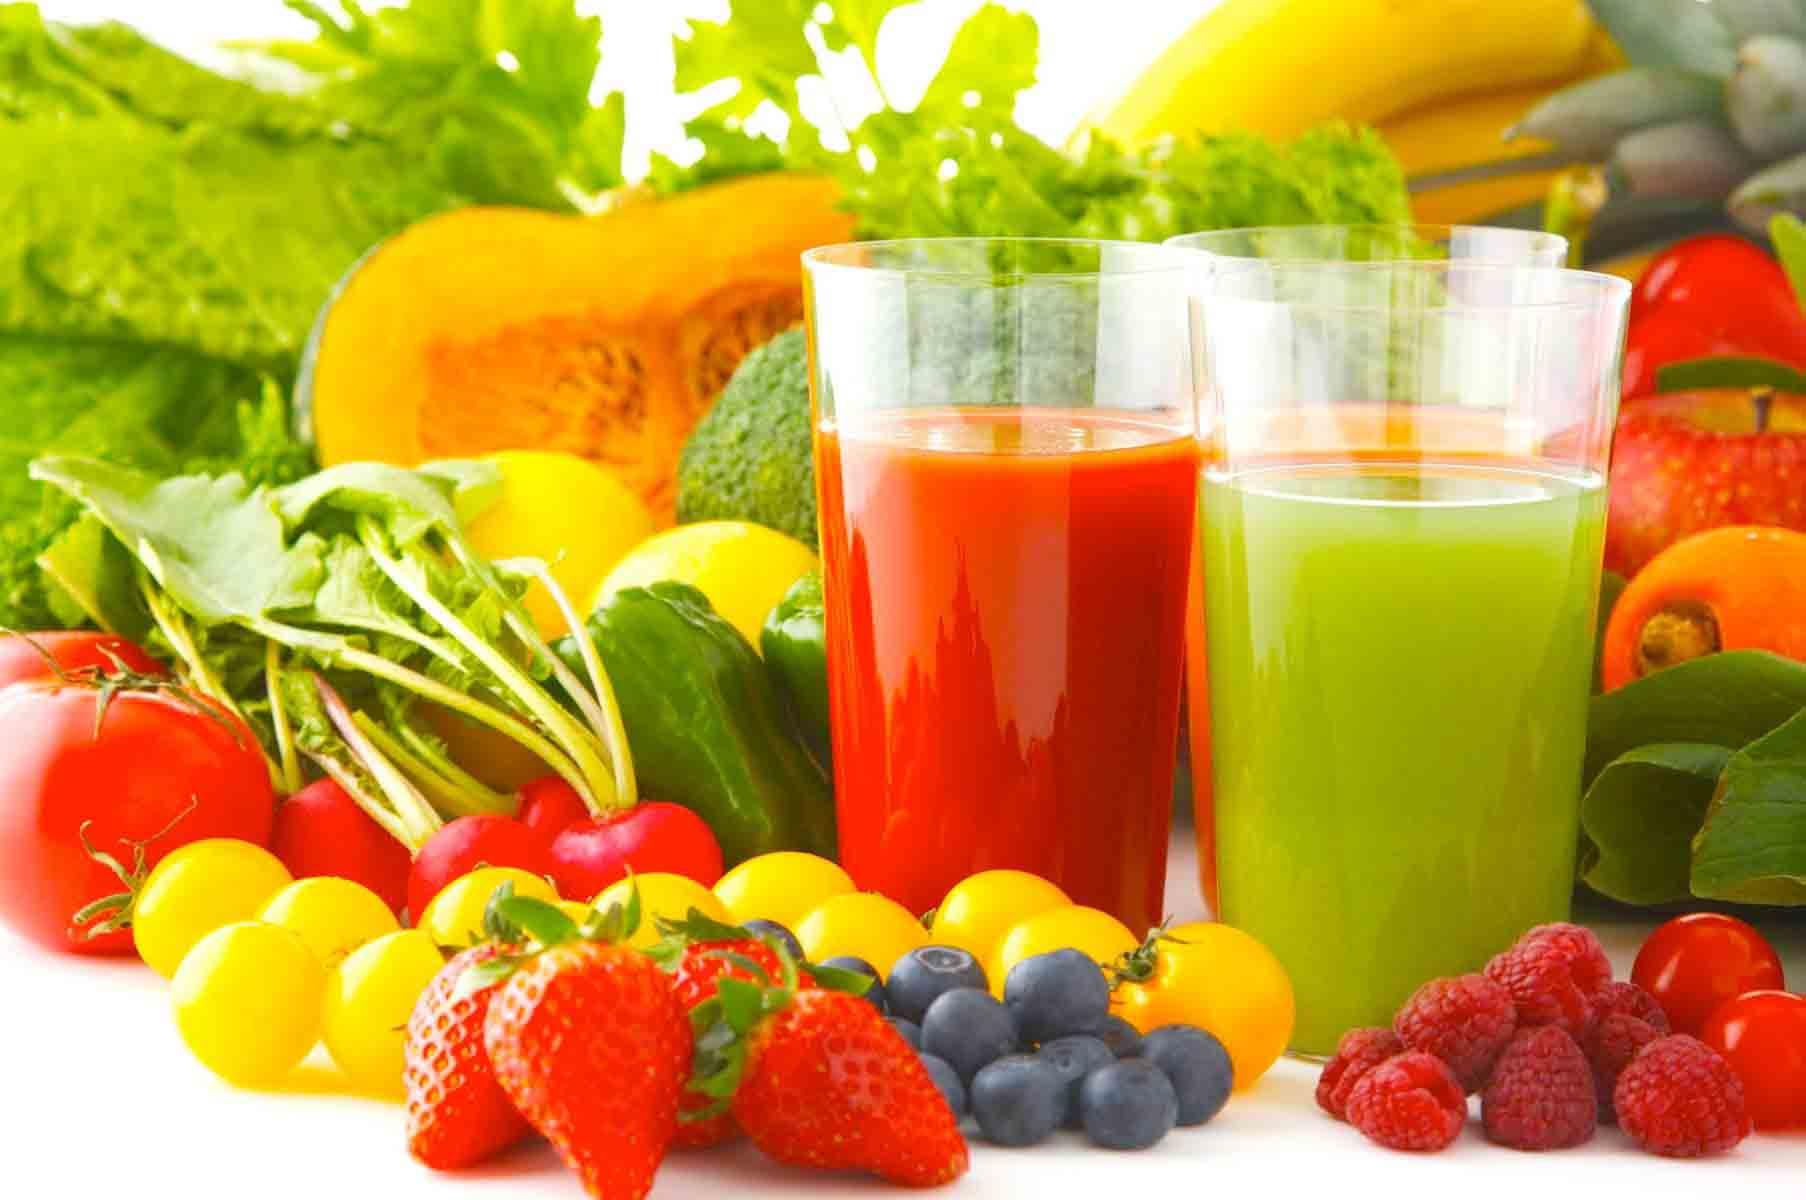 Chế độ ăn uống khi bị viêm loét dạ dày tá tràng